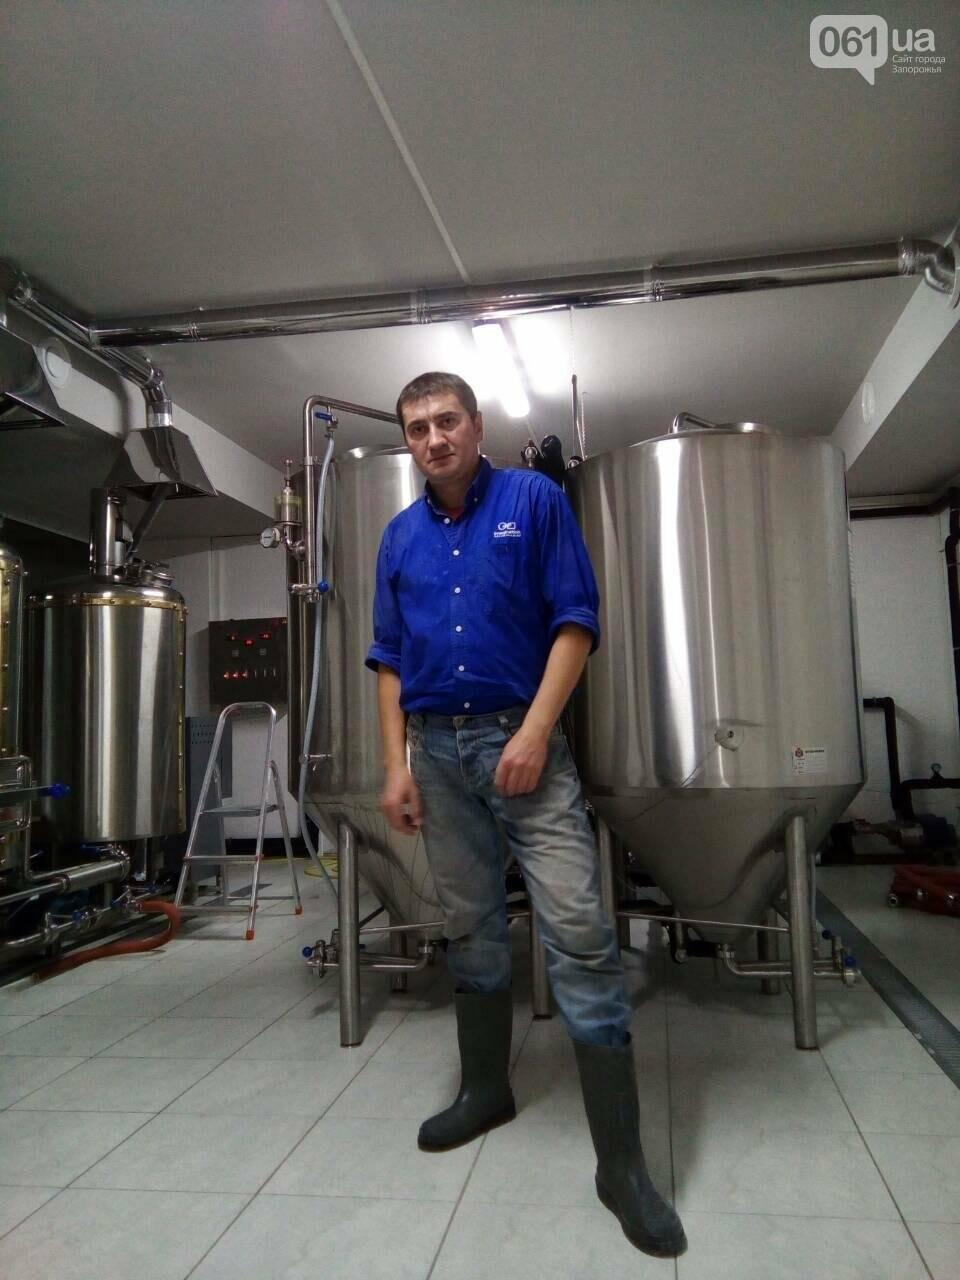 """""""Существует только два вида пива"""": история запорожца, который отказался от престижной должности ради работы пивоваром, фото-3"""